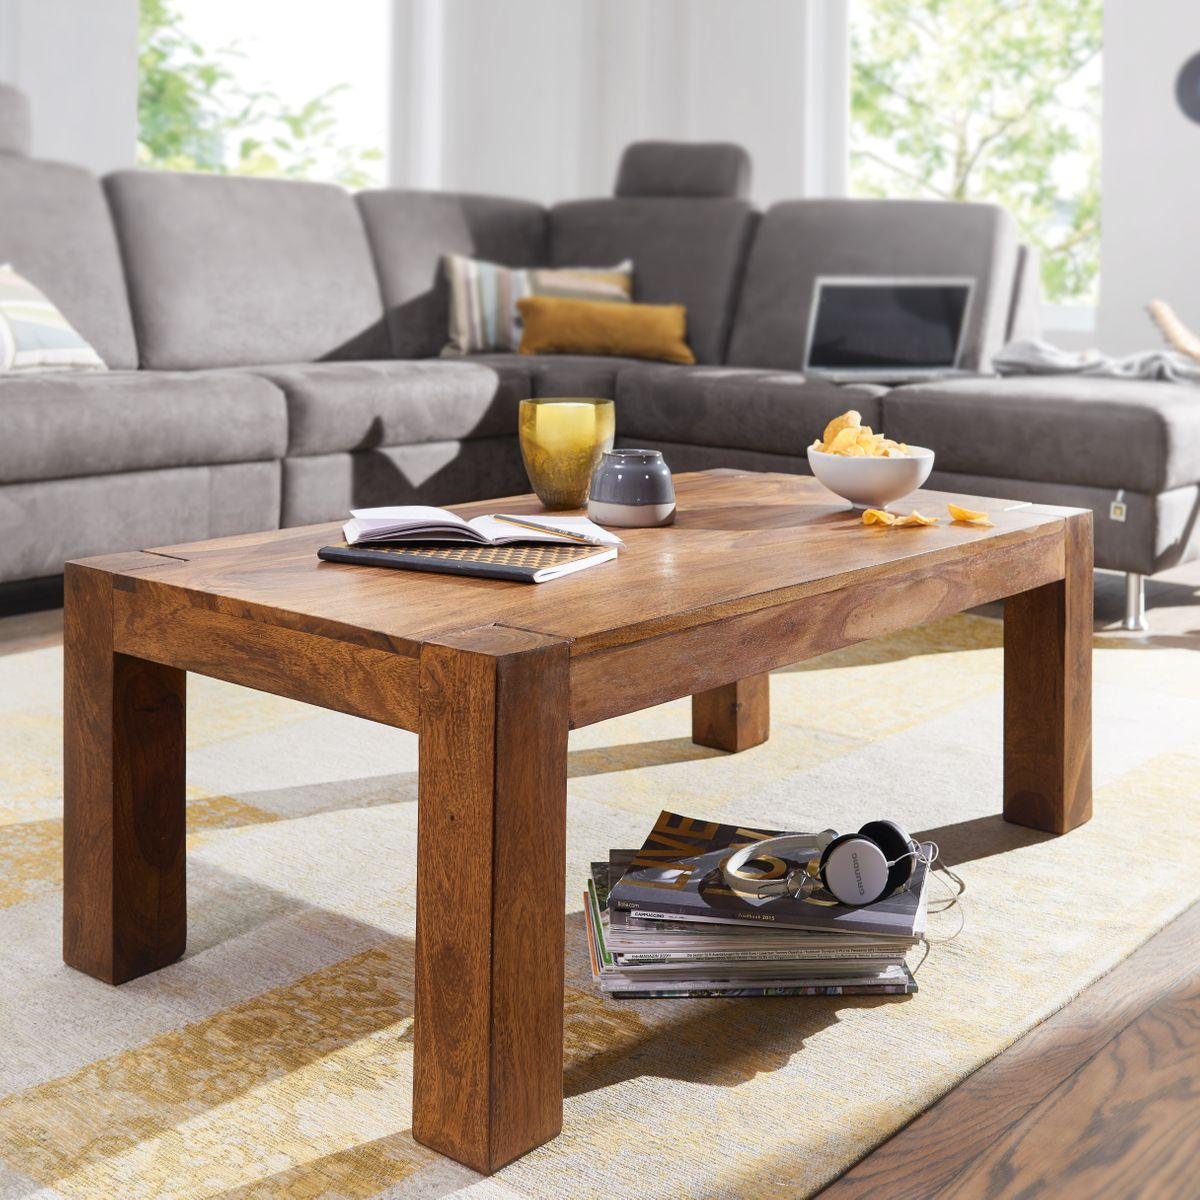 massiver couchtisch patan 110 x 60 x 40 cm holz massiv wohnzimmertisch rechteckig braun. Black Bedroom Furniture Sets. Home Design Ideas